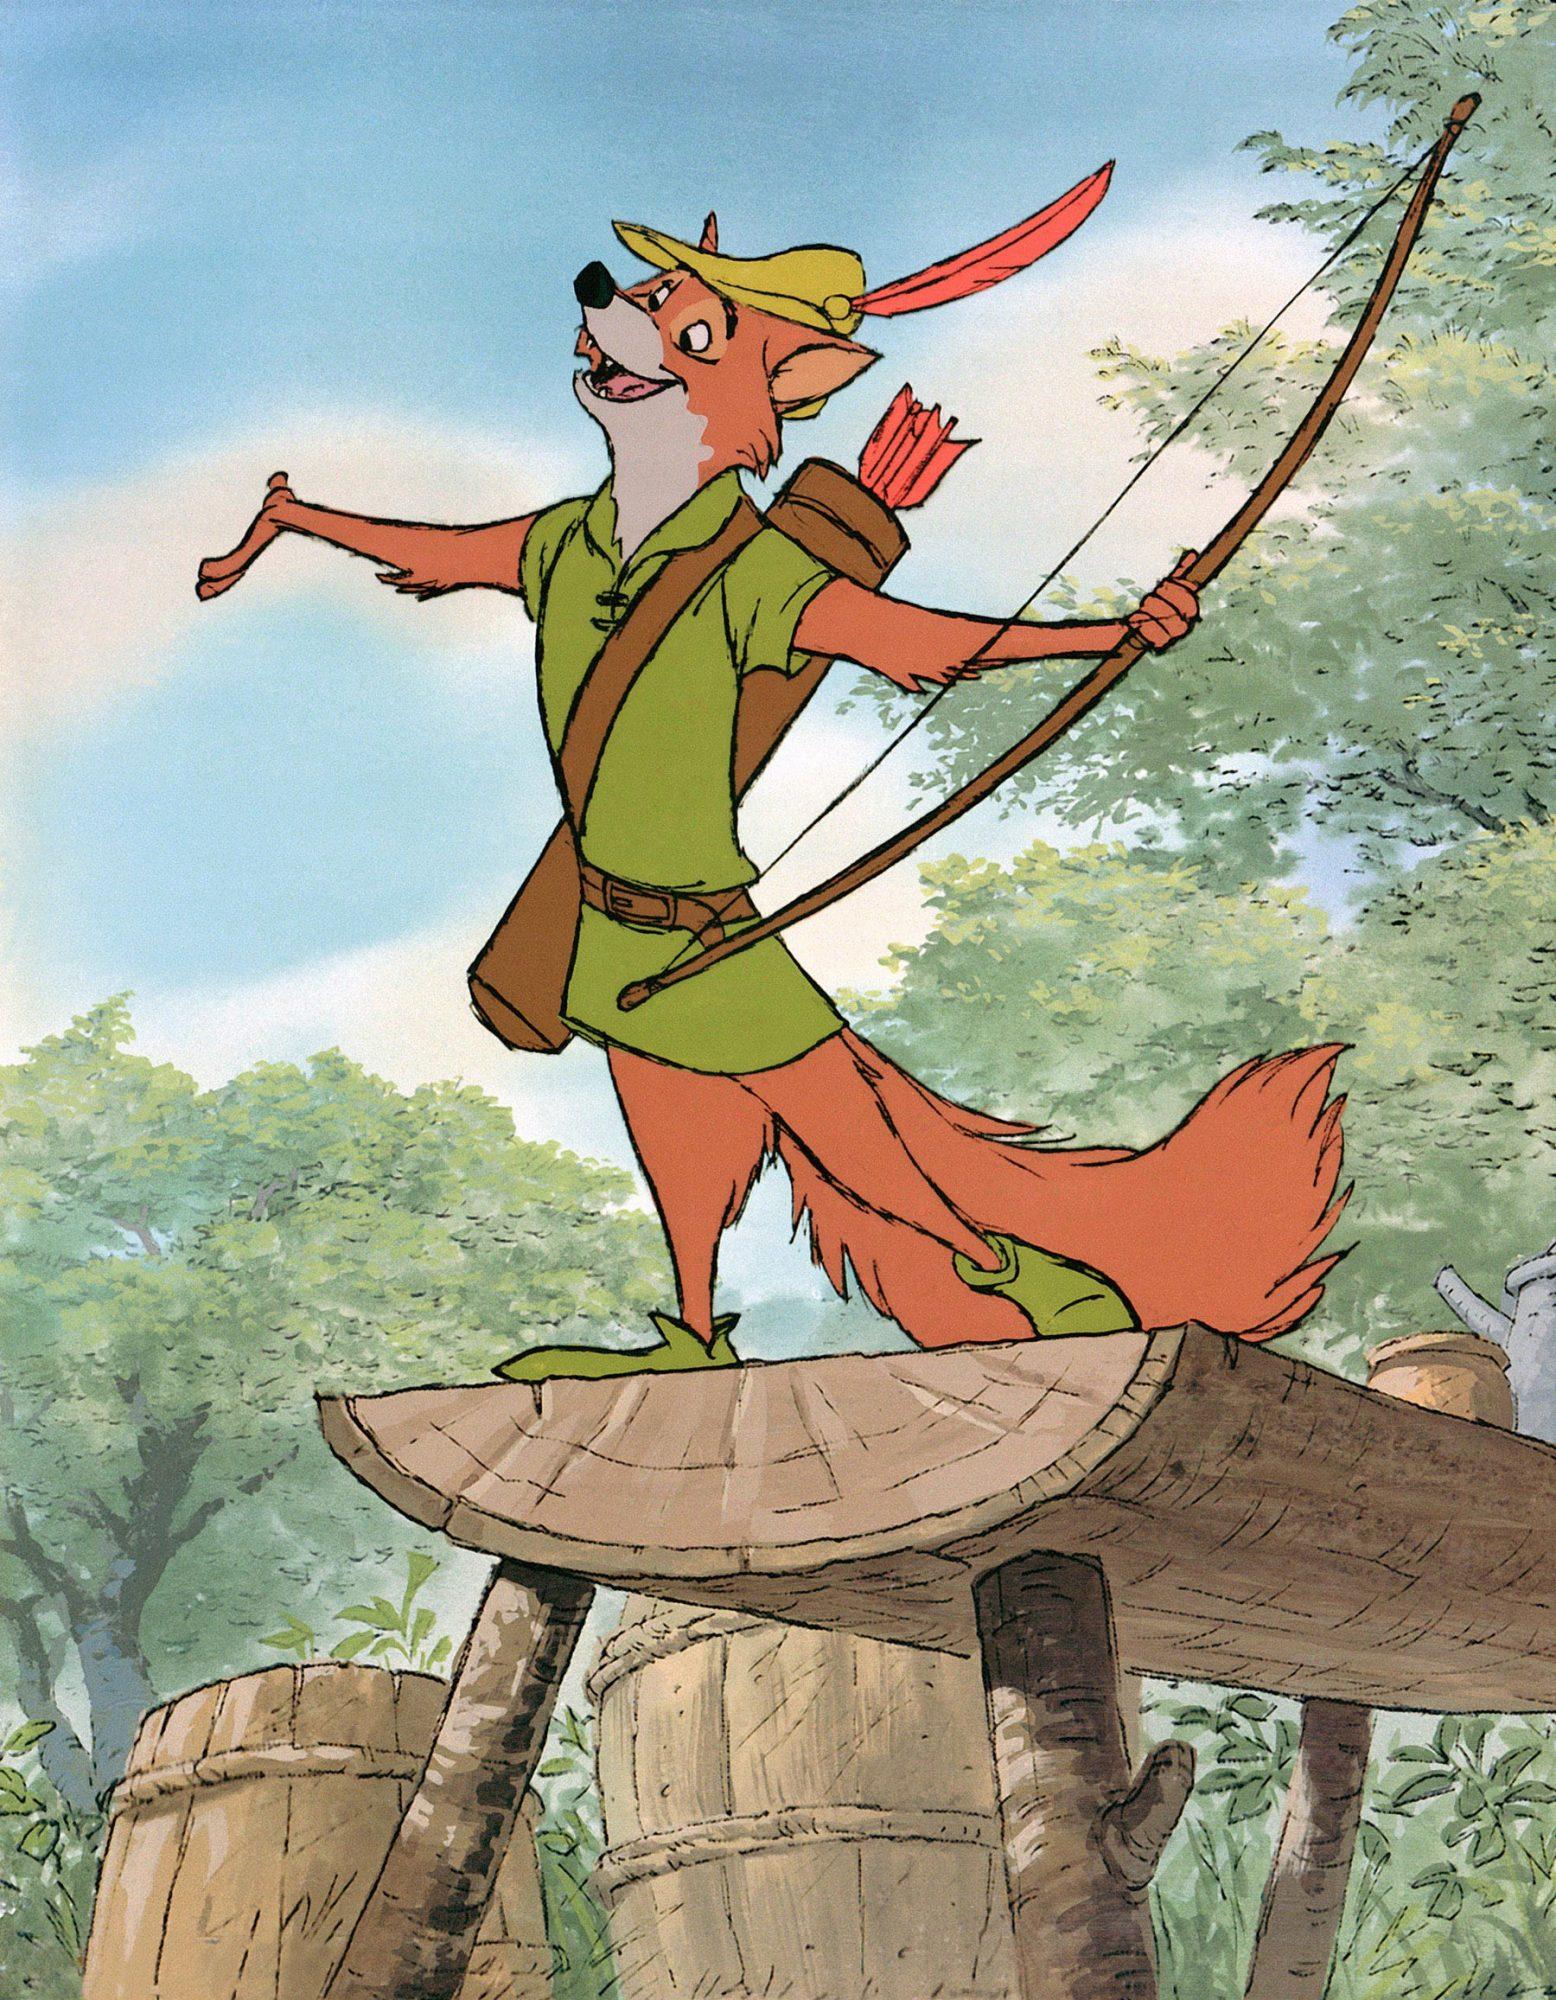 ROBIN HOOD, Robin Hood, 1973